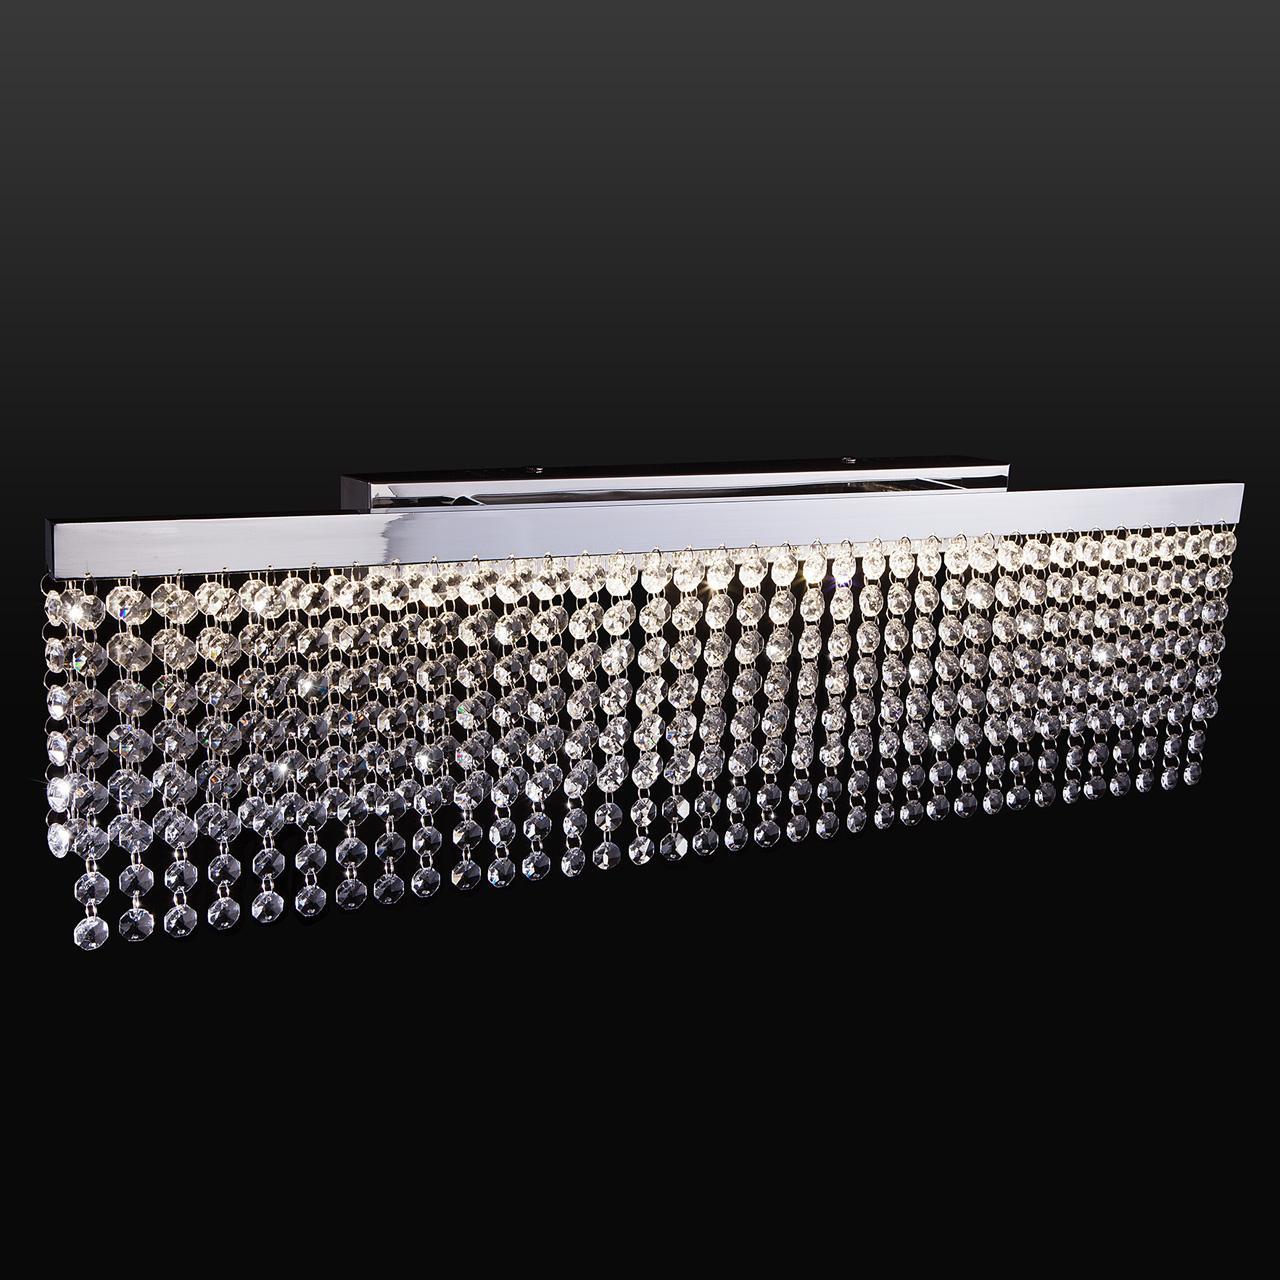 Настенный светодиодный светильник Eurosvet Royal 90049/1 хром настенный светодиодный светильник eurosvet royal 90049 1 хром